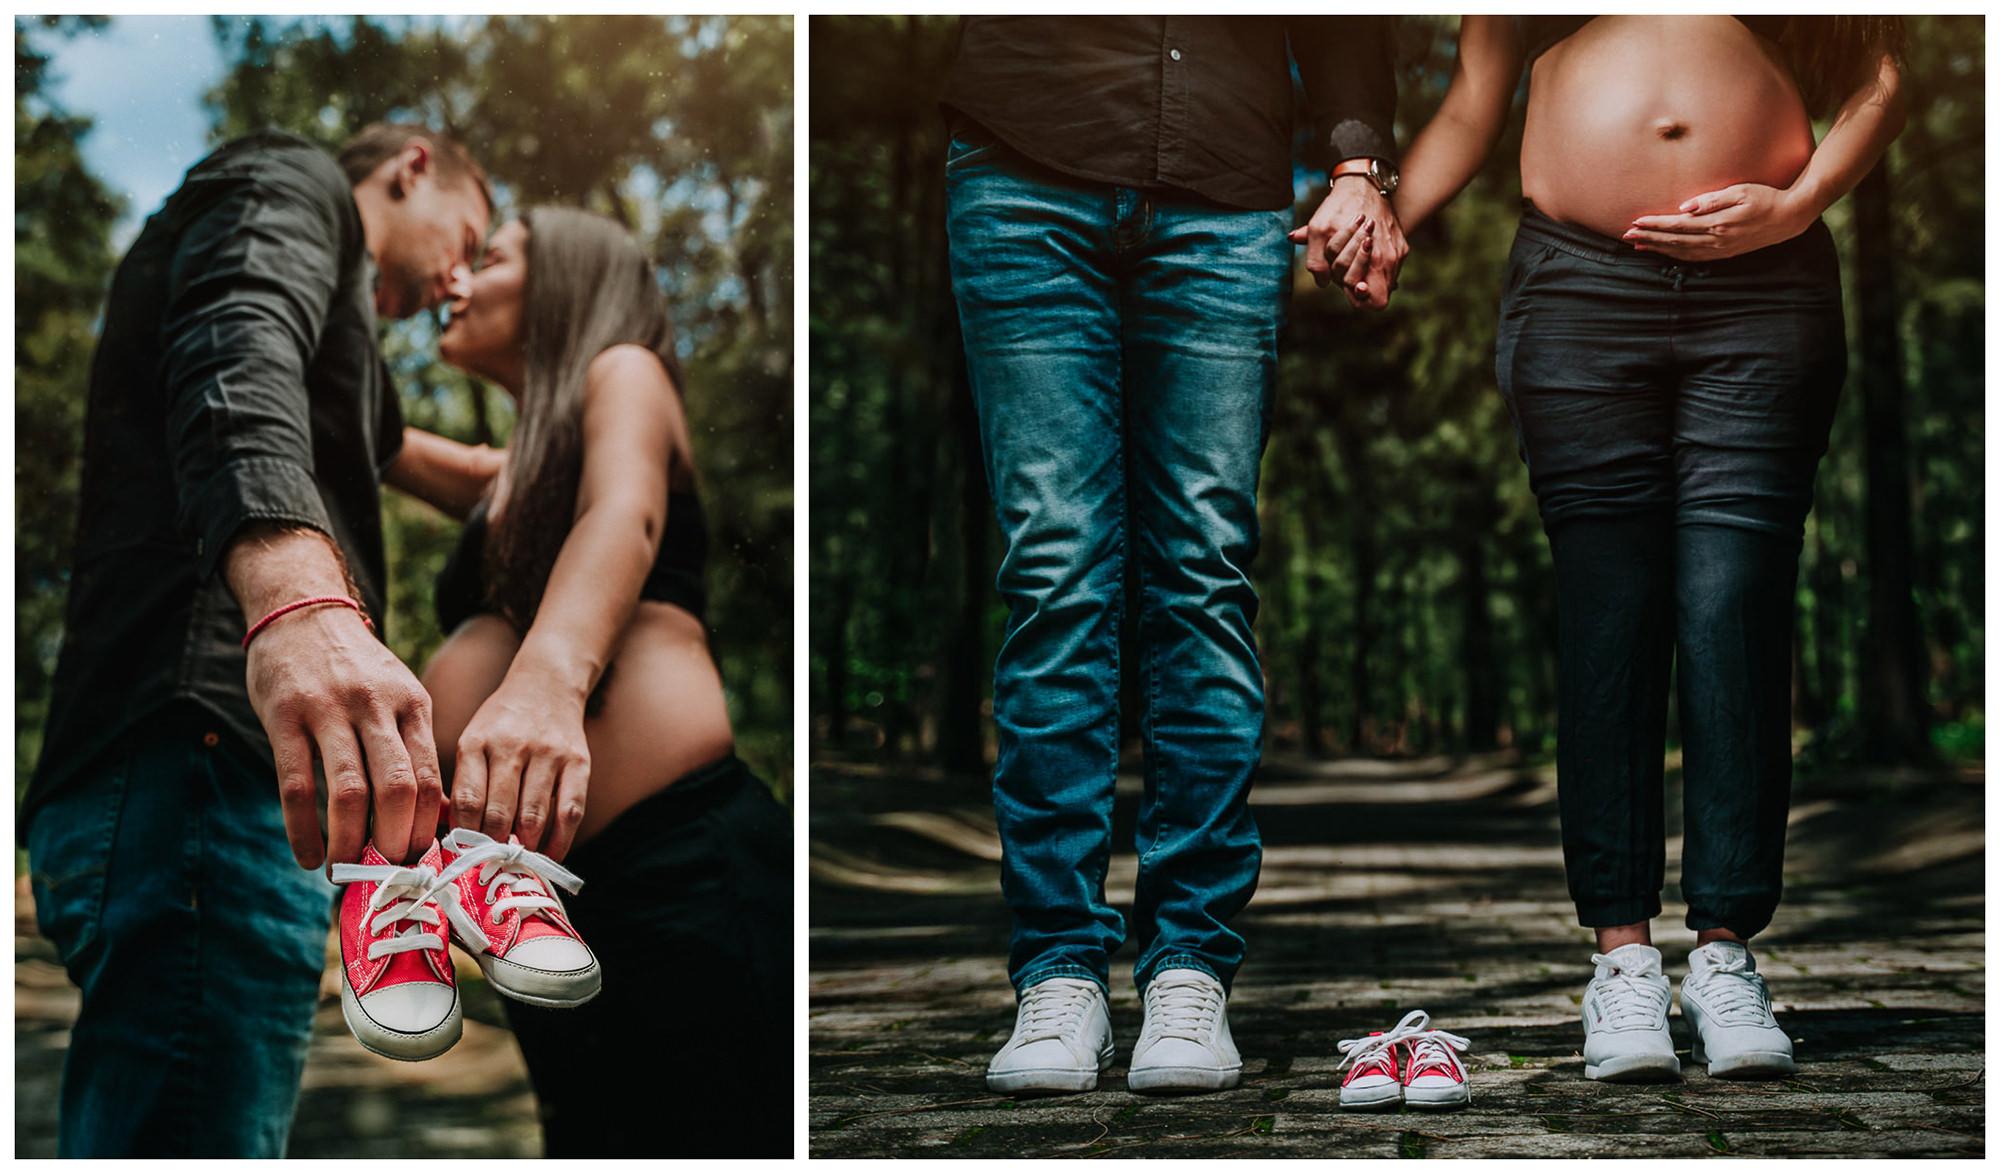 fotografo-de-embarazo-y-amor-alan-robles-guadalajara-5